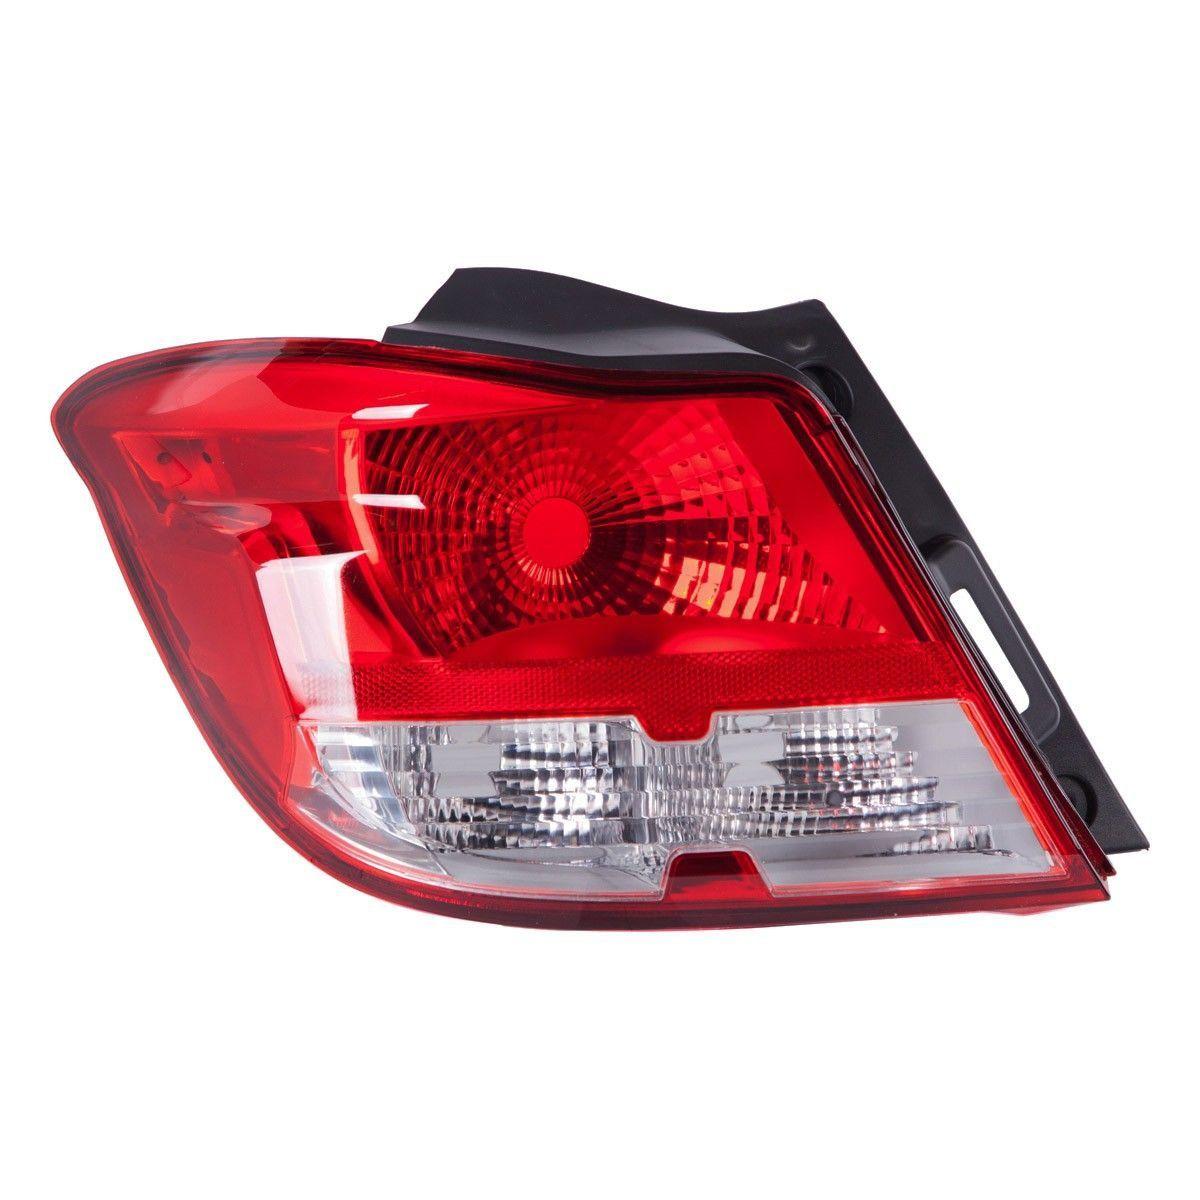 Lanterna traseira lado motorista - Onix 2013 a 2019